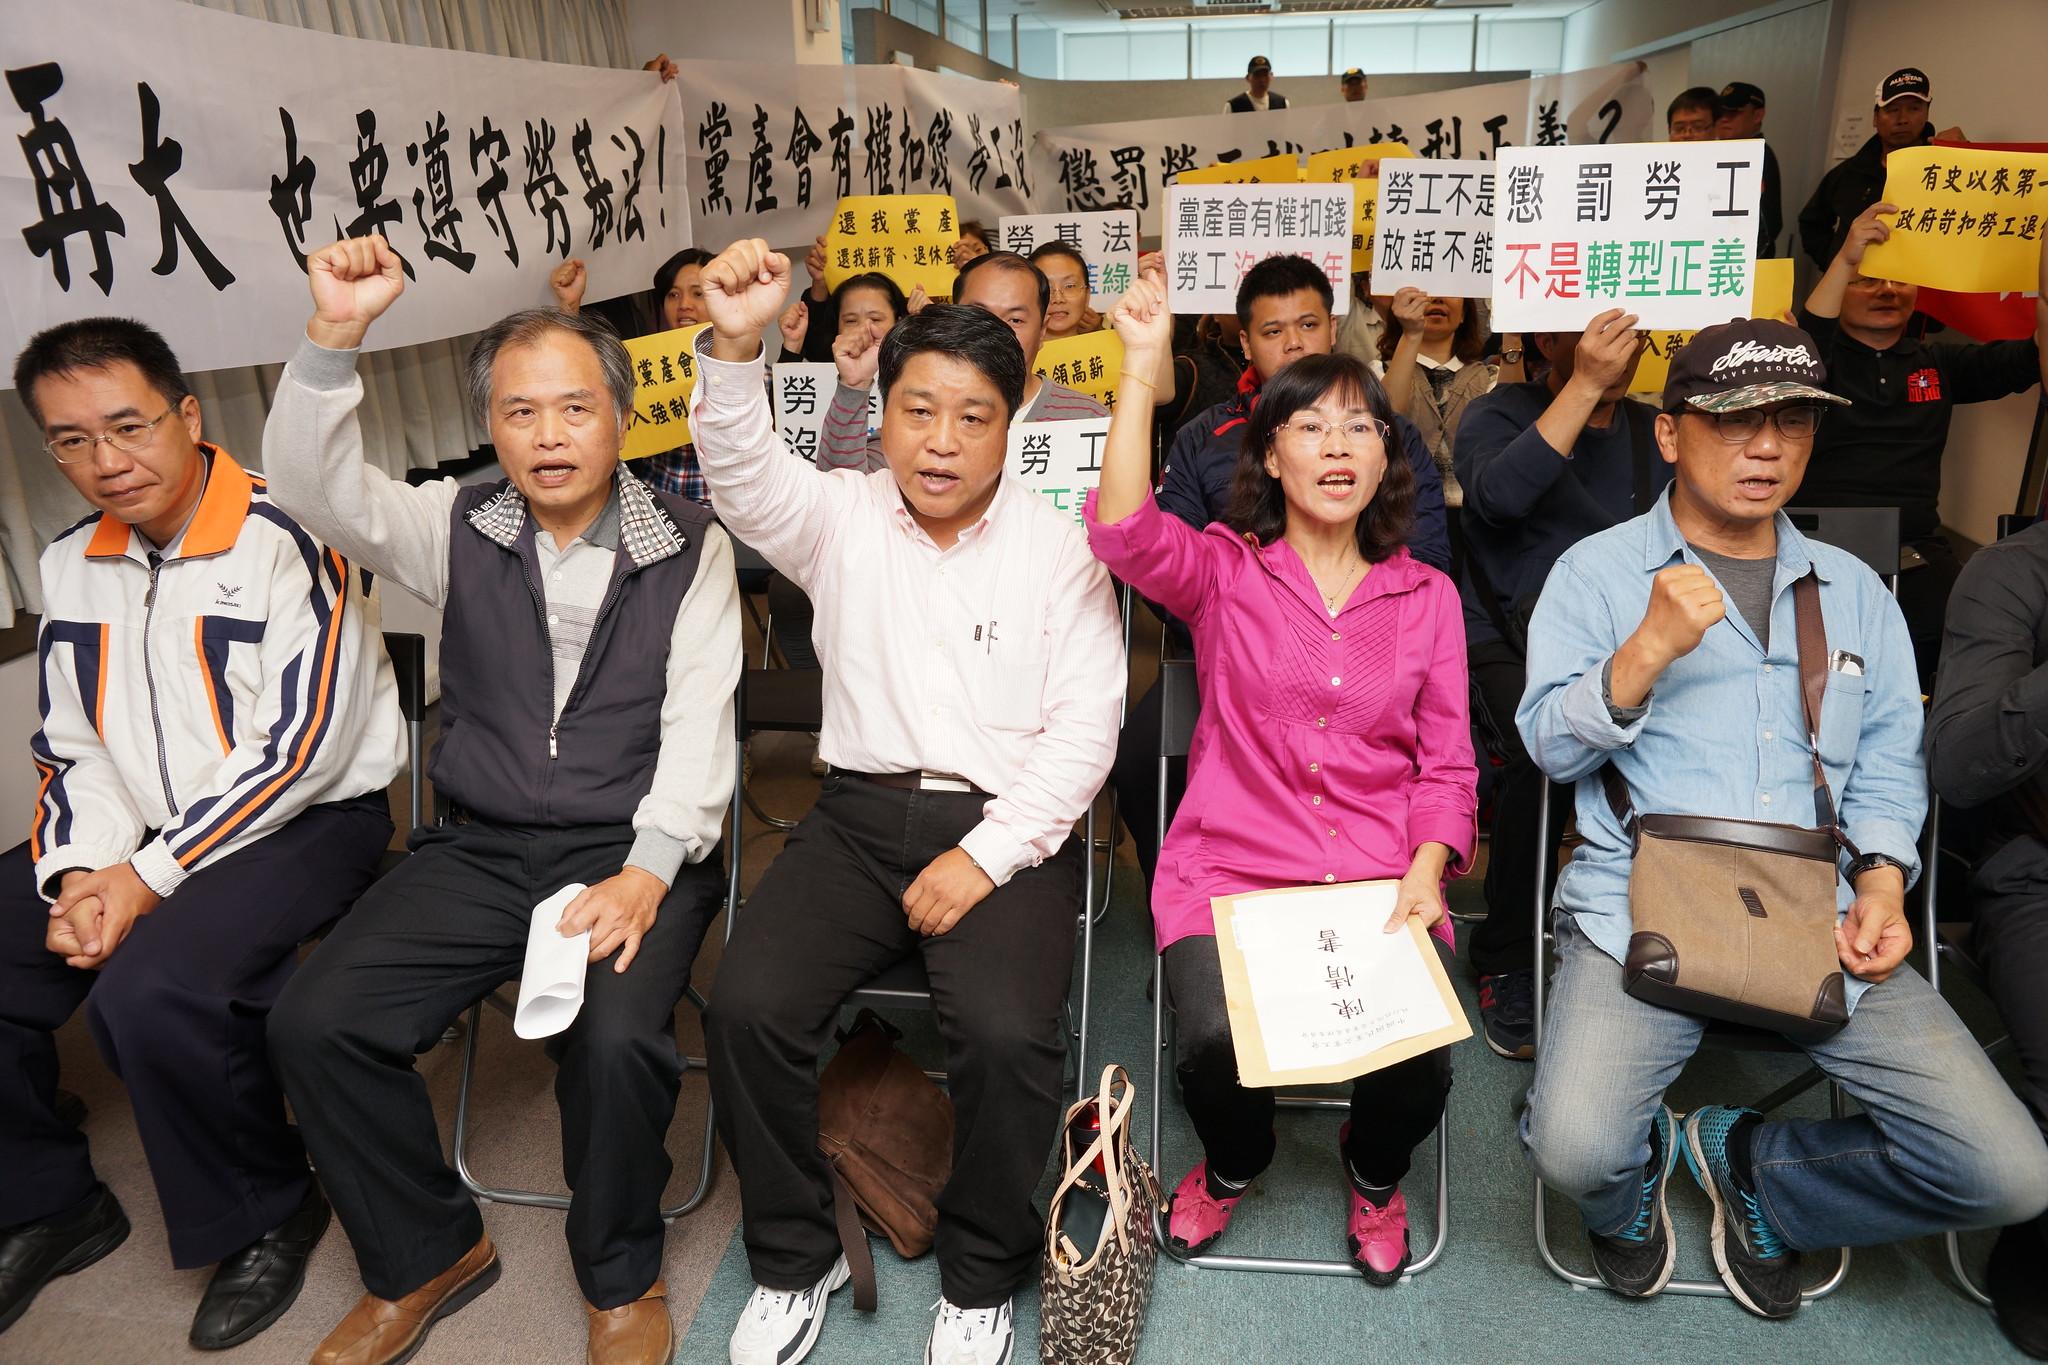 工會赴黨產會要求三方一起參與北市府的大解協商。(攝影:王顥中)